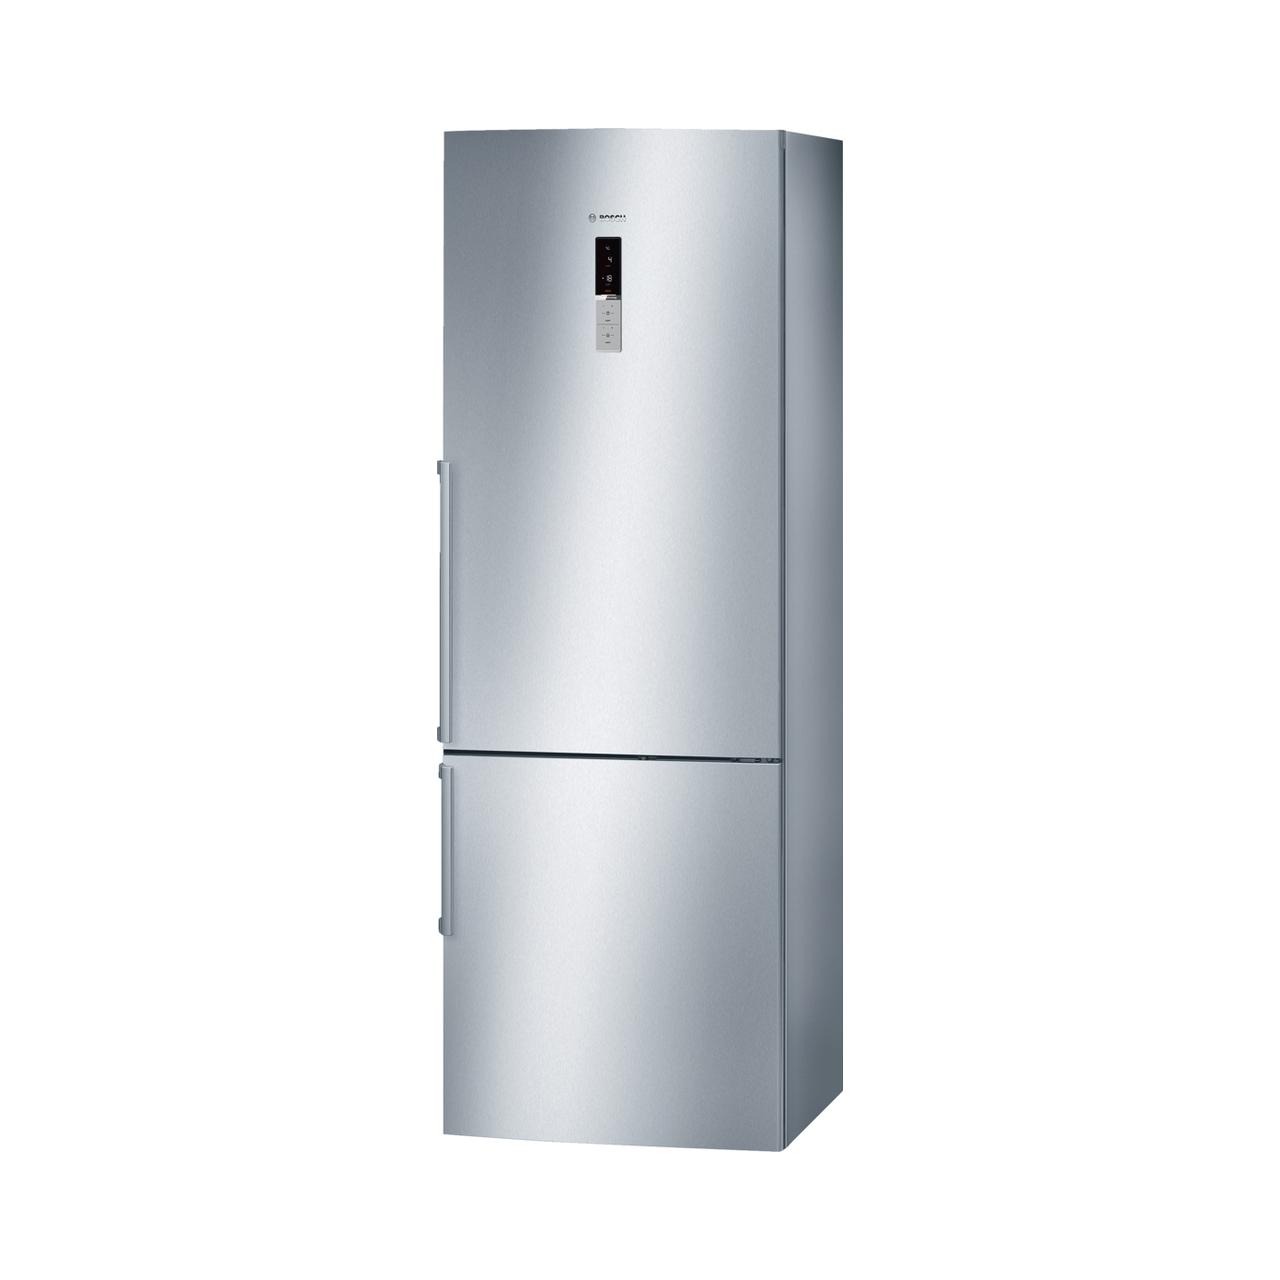 Tủ lạnh đơn BOSCH KGN49AI22 Serie 6